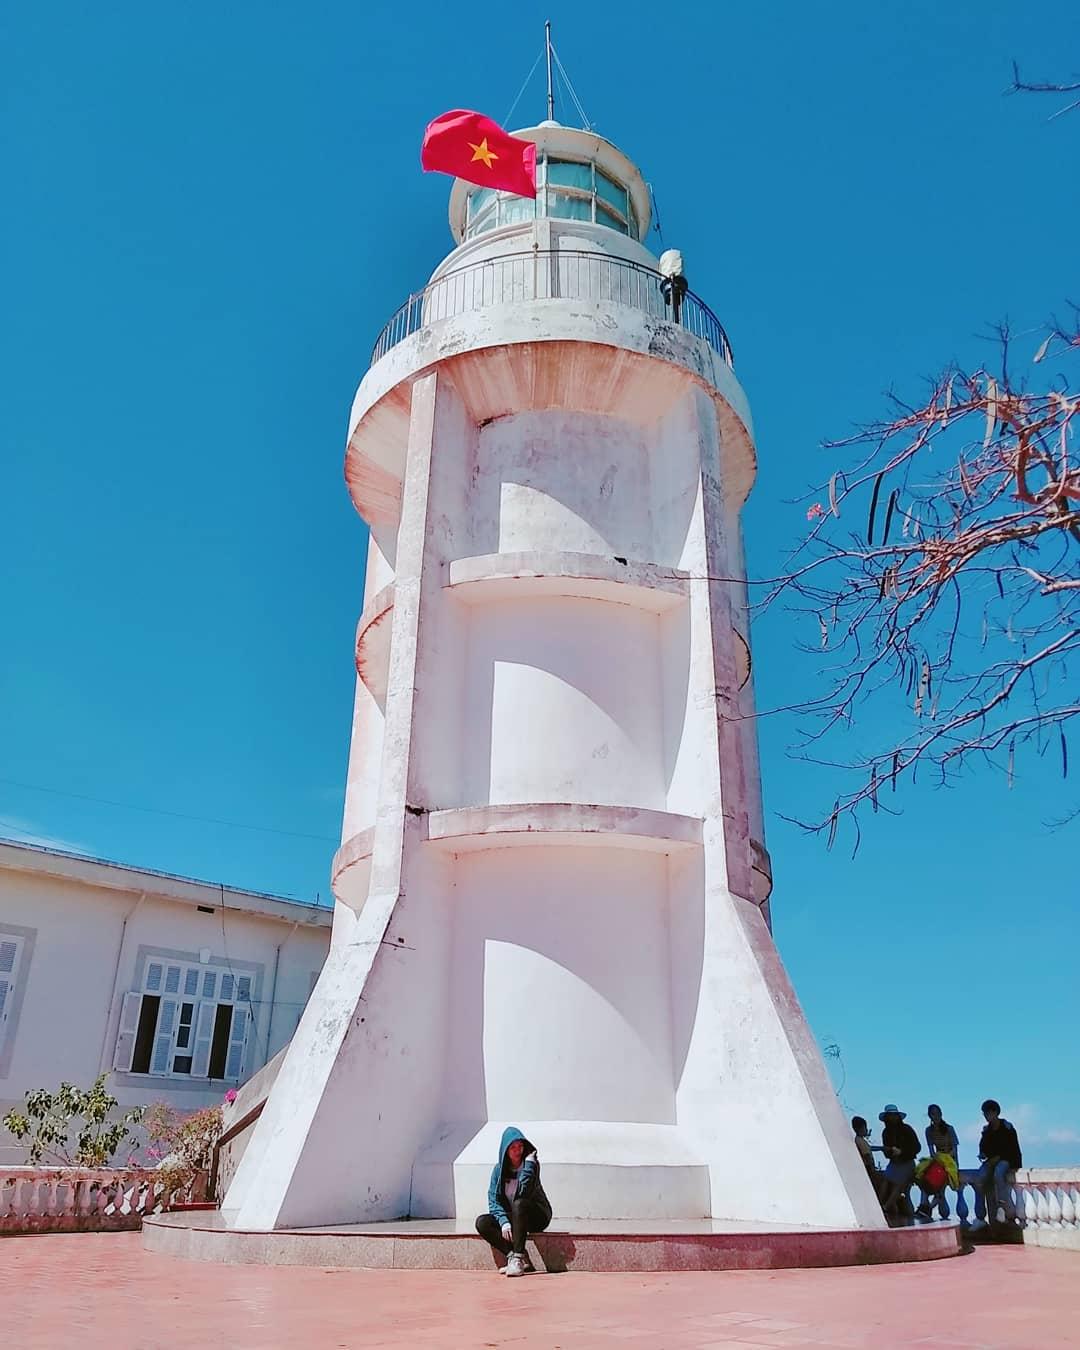 Du lịch Vũng Tàu Hải Đăng Vũng Tàu vừa cổ kính vừa hiện đại , Ảnh: @singinbathroom